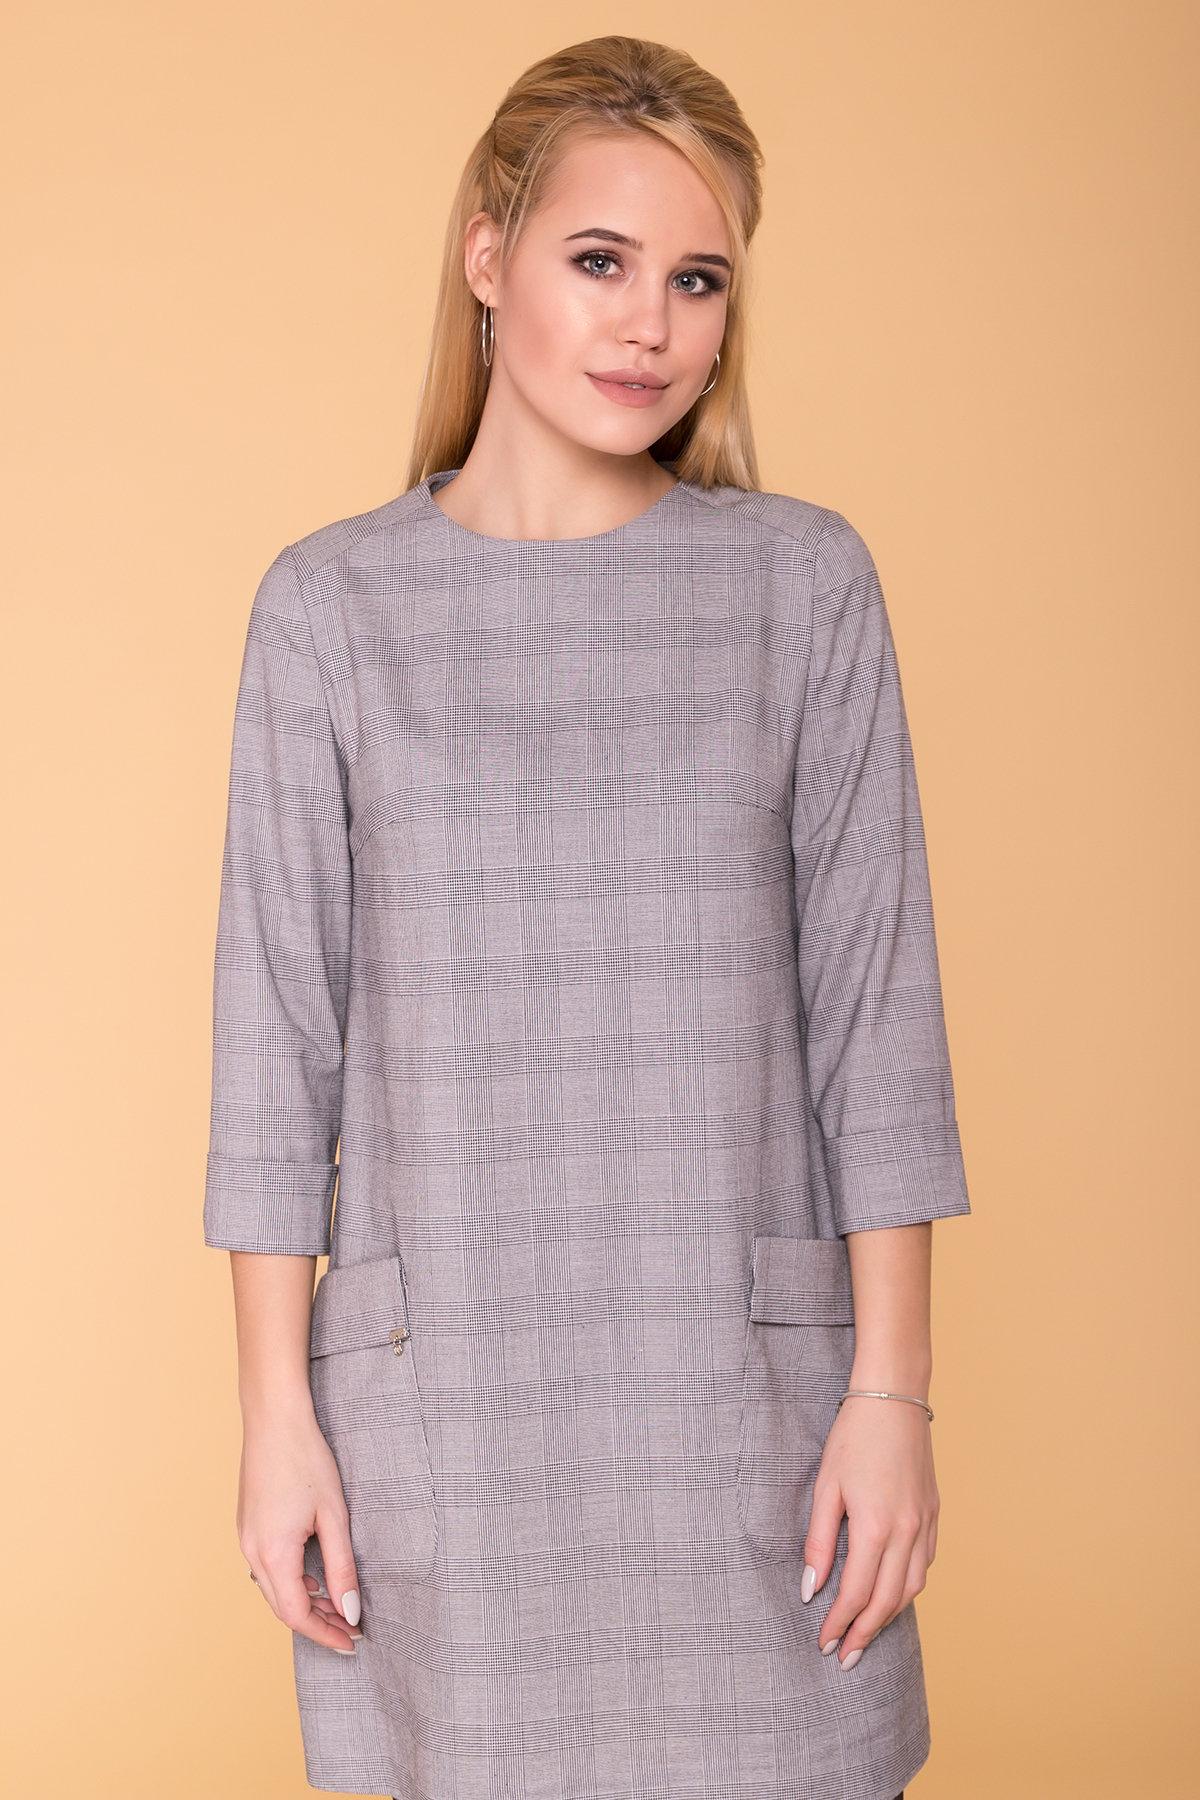 Платье с накладными карманами Соул 6305 АРТ. 41067 Цвет: Серый Светлый - фото 3, интернет магазин tm-modus.ru